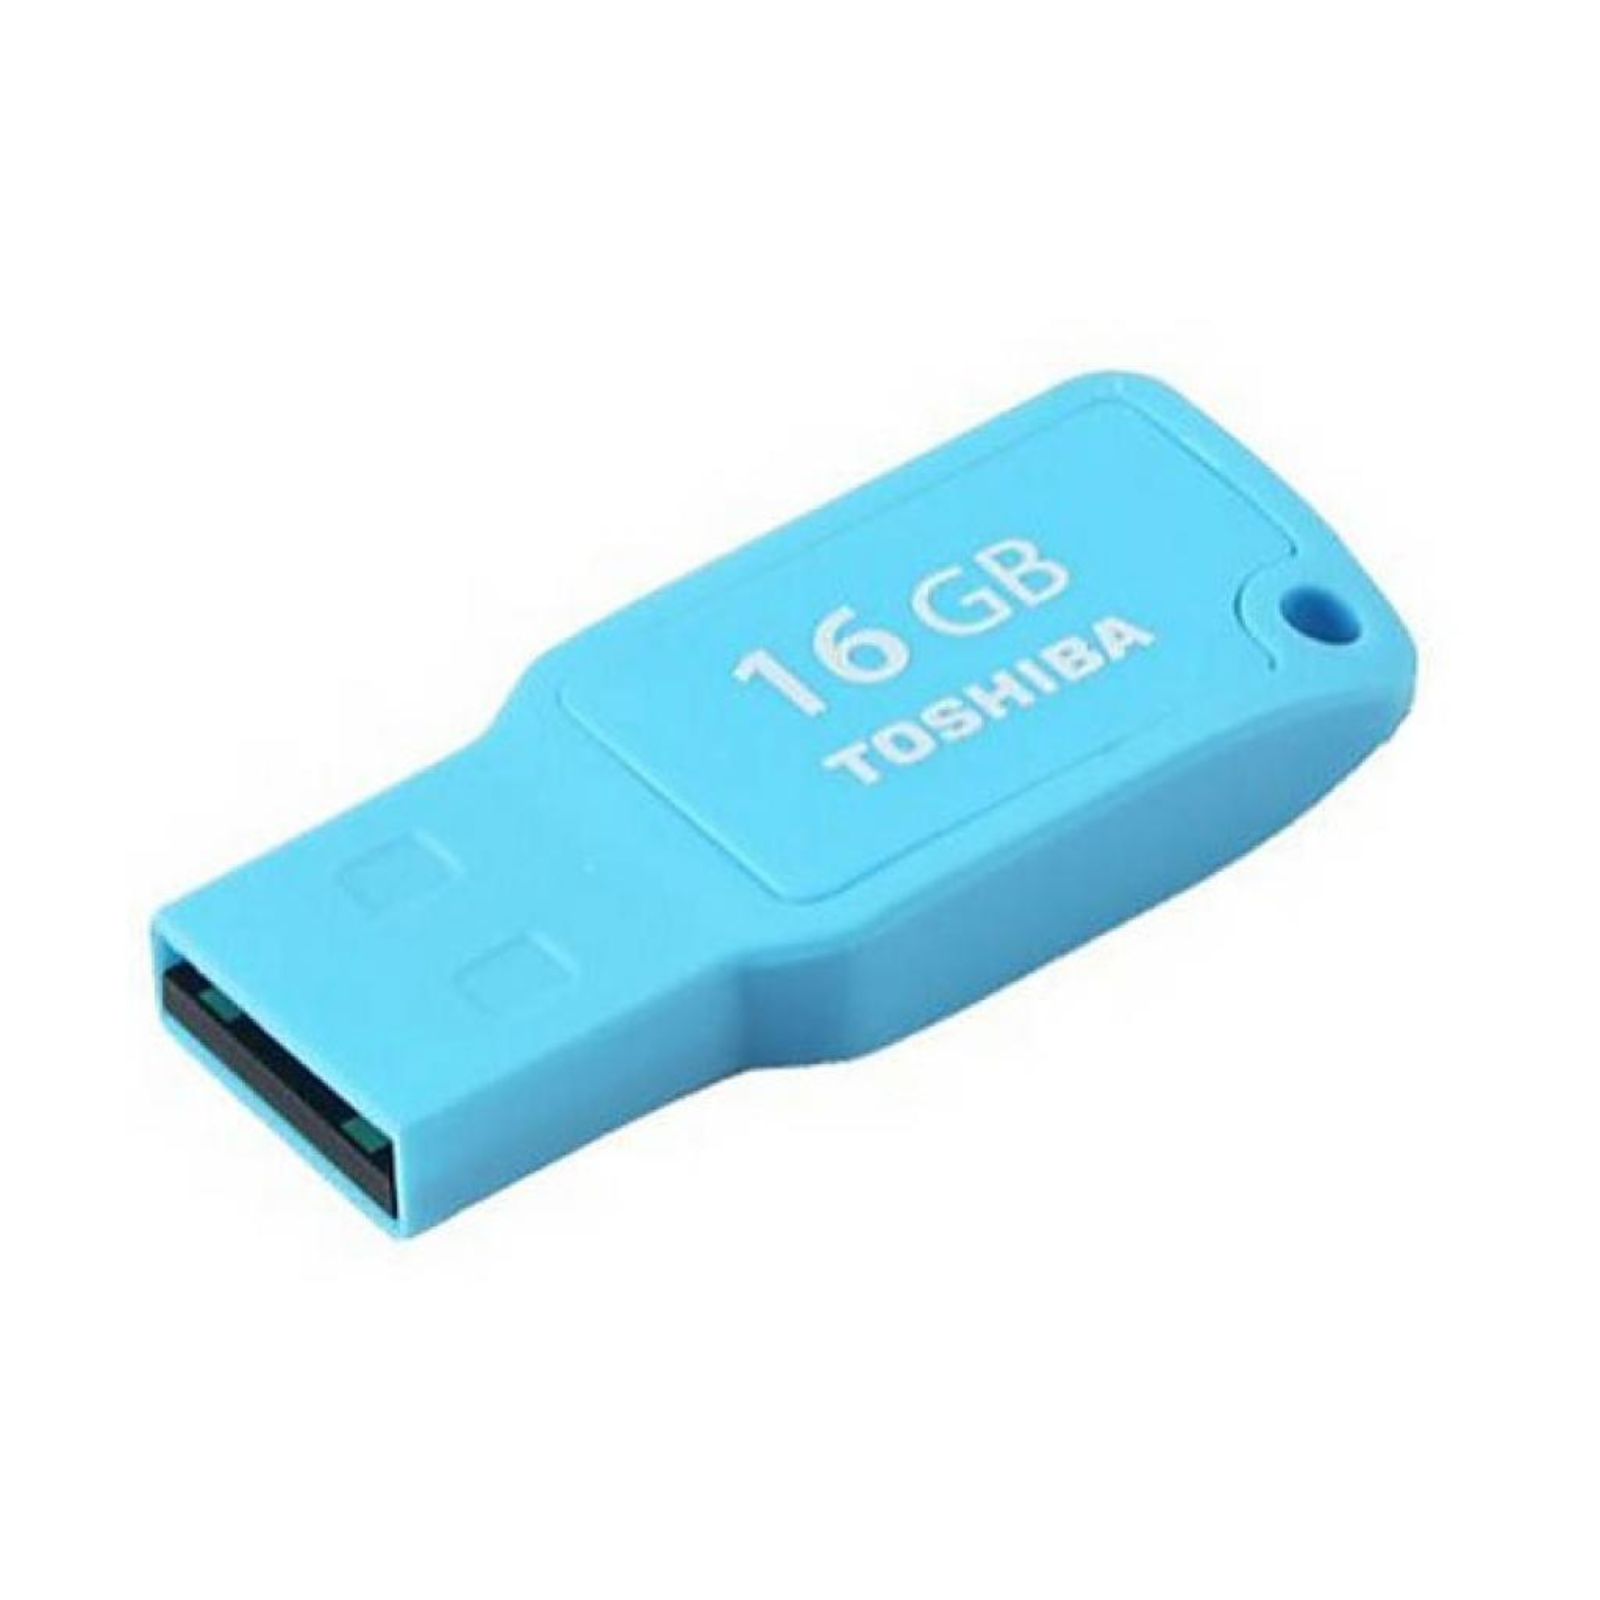 USB флеш накопитель Toshiba 16GB Mikawa Cyan USB 2.0 (THN-U201C0160M4) изображение 2